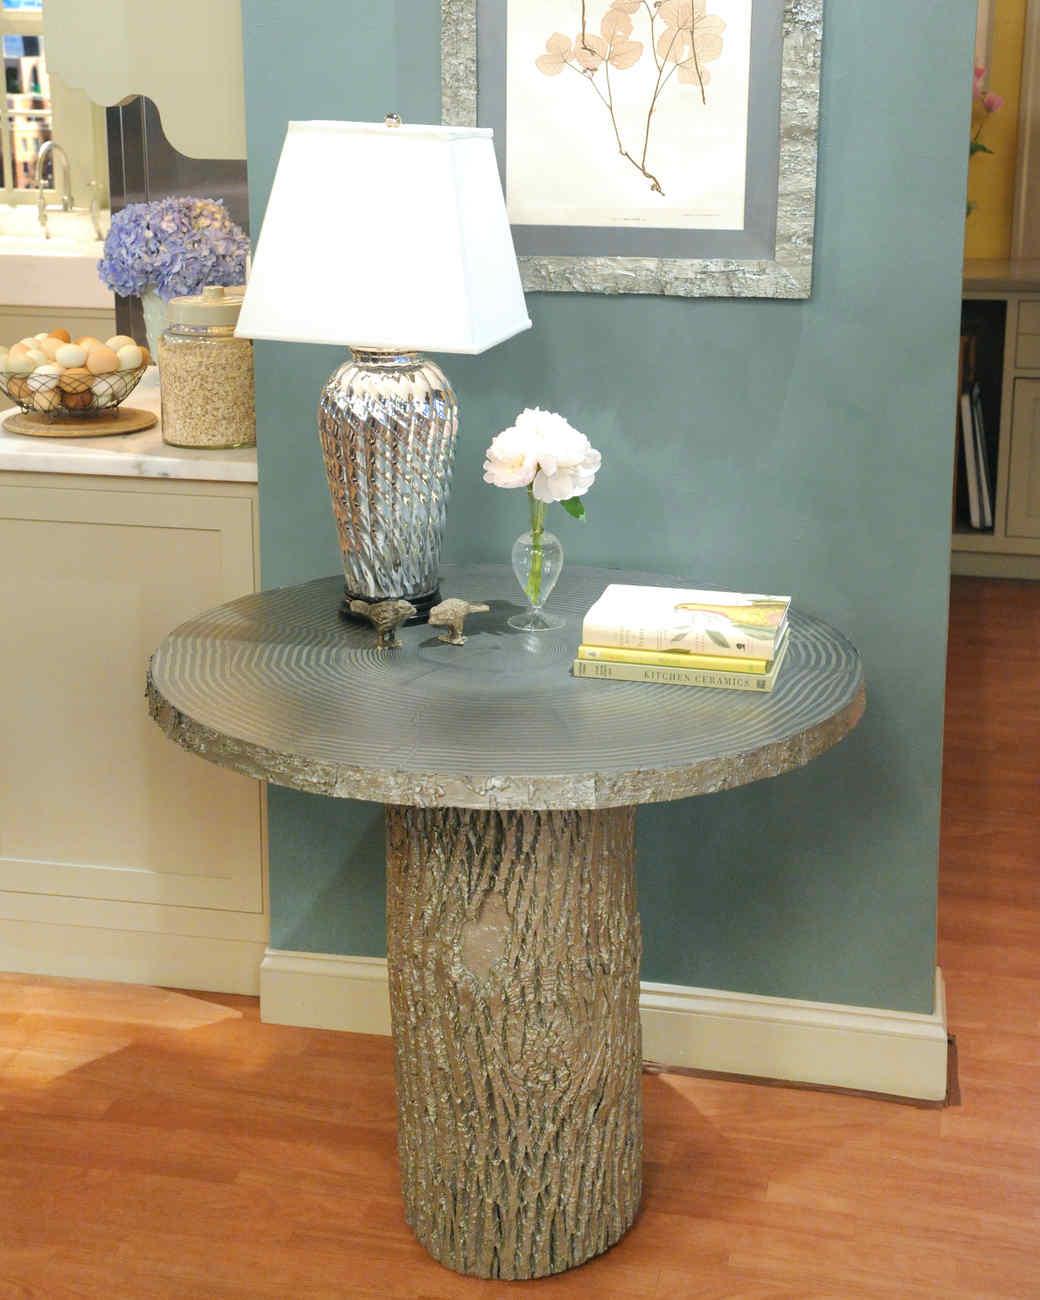 Tree stump table - Tree Stump Table